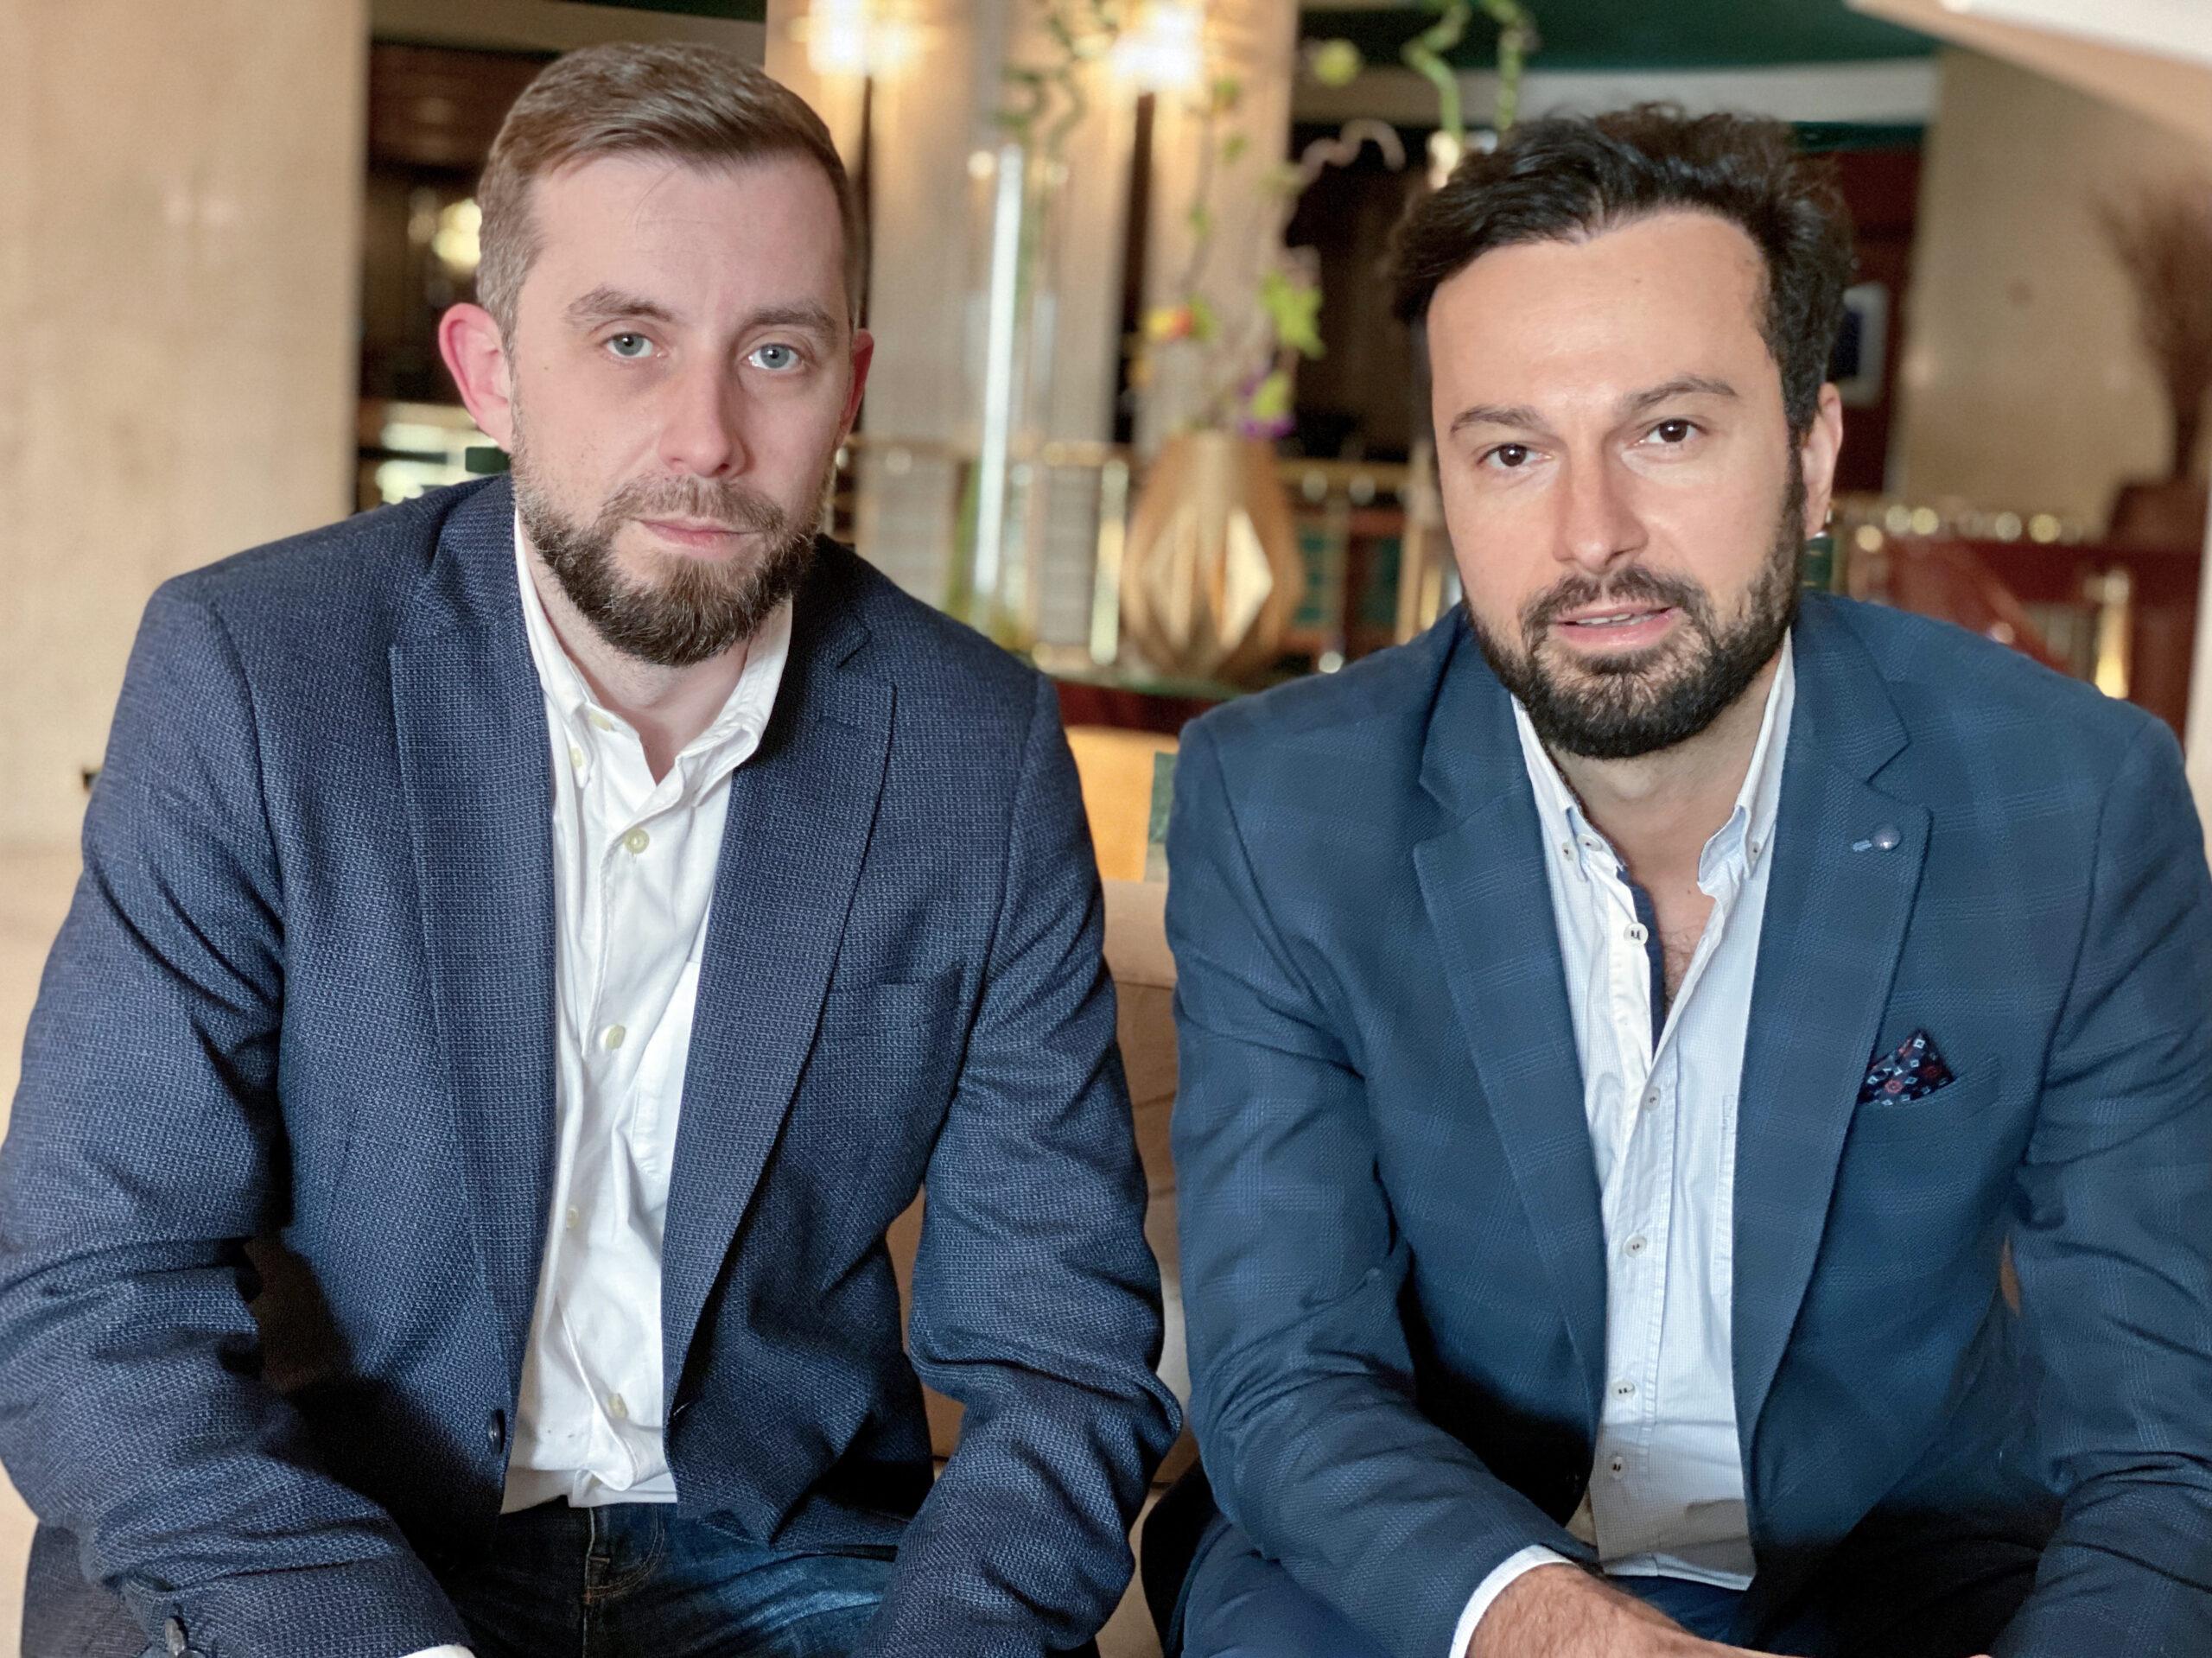 """Tailent și Aliant vor să """"angajeze"""" roboți software inteligenți în toate companiile mici și mijlocii din România care au nevoie să elimine procese repetitive și ineficiente"""